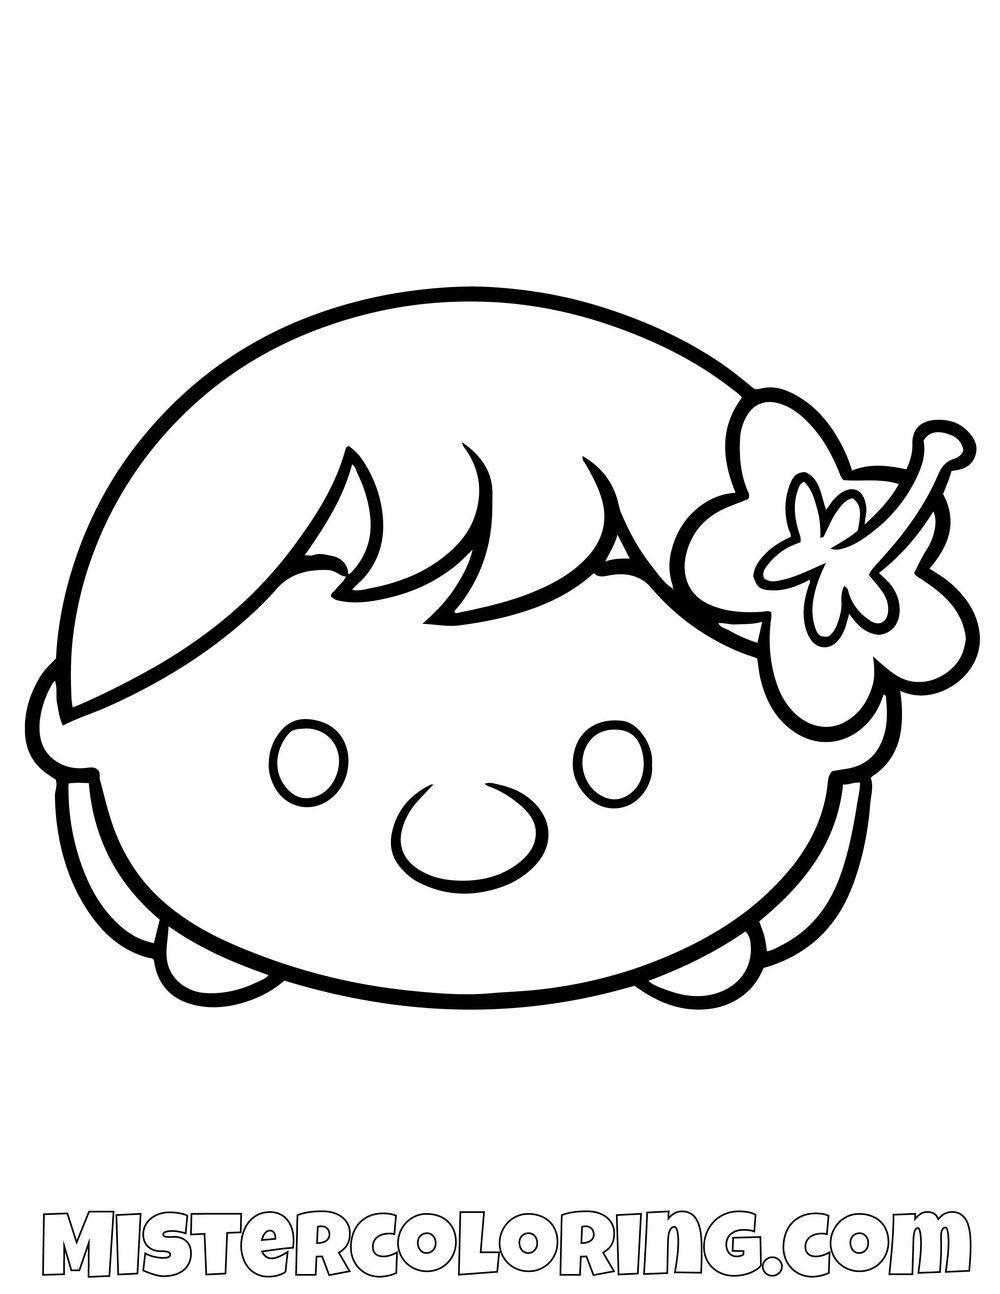 Lilo From Lilo And Stitch Tsum Tsum Coloring Pages For Kids Tsum Tsum Coloring Pages Coloring Pages For Kids Coloring Pages